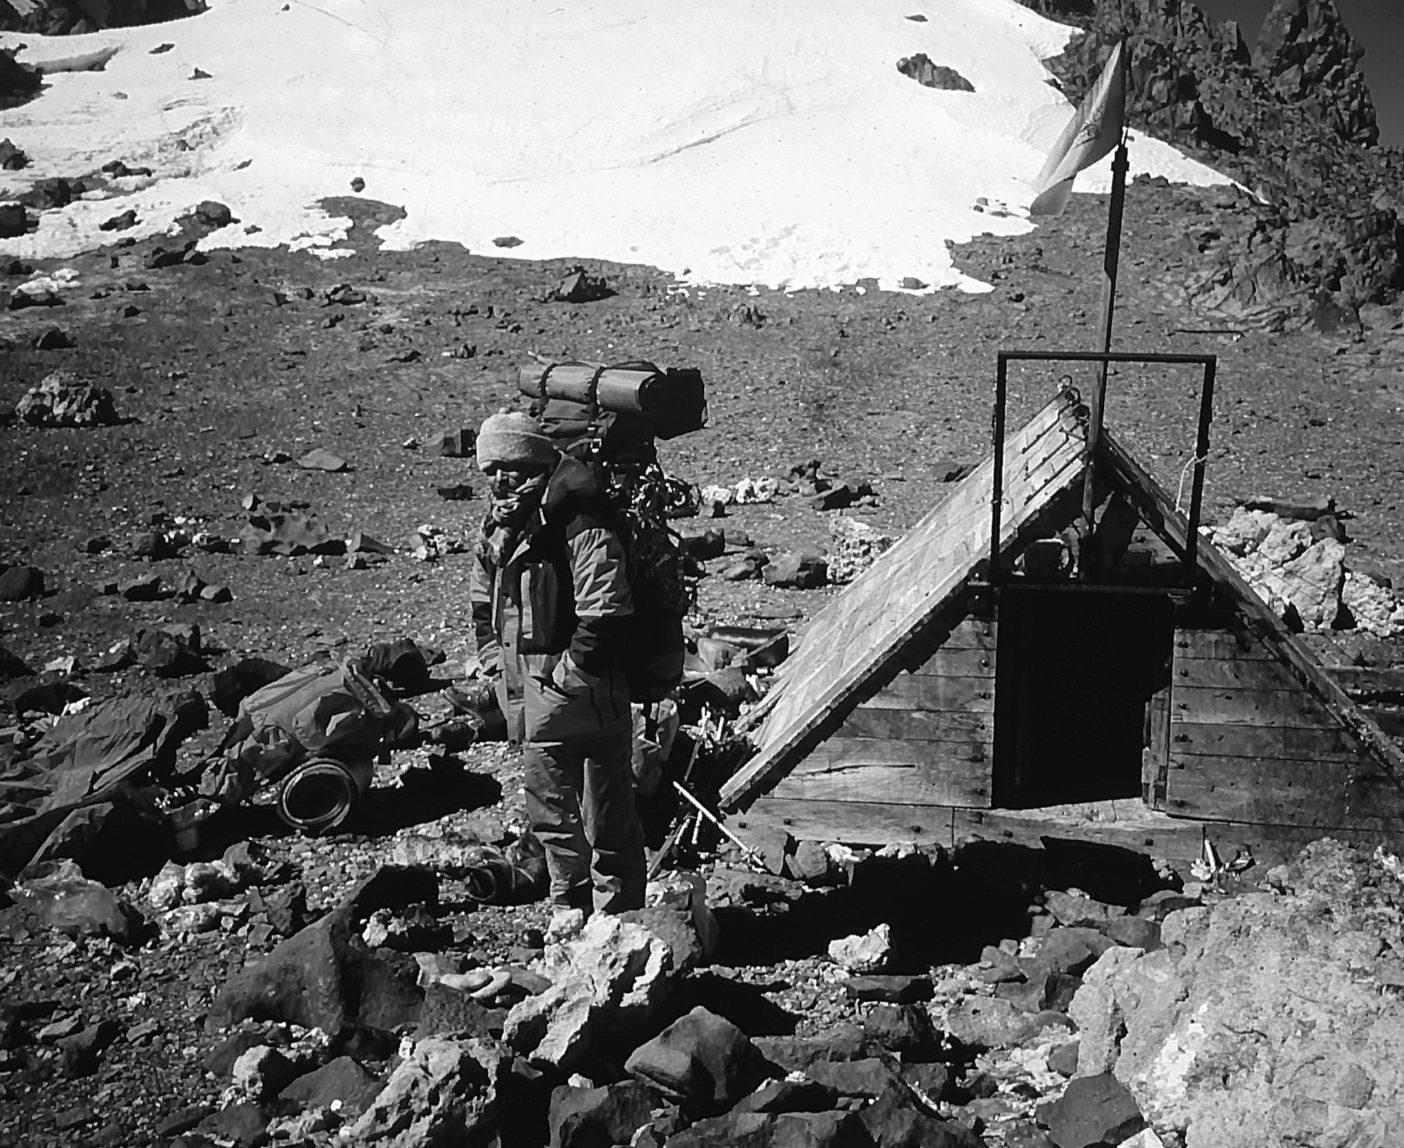 南アメリカ、アコンカグア峰(6,962メートル)。三浦雄一郎登山隊サポートリーダーとして荷揚げする新谷暁生。